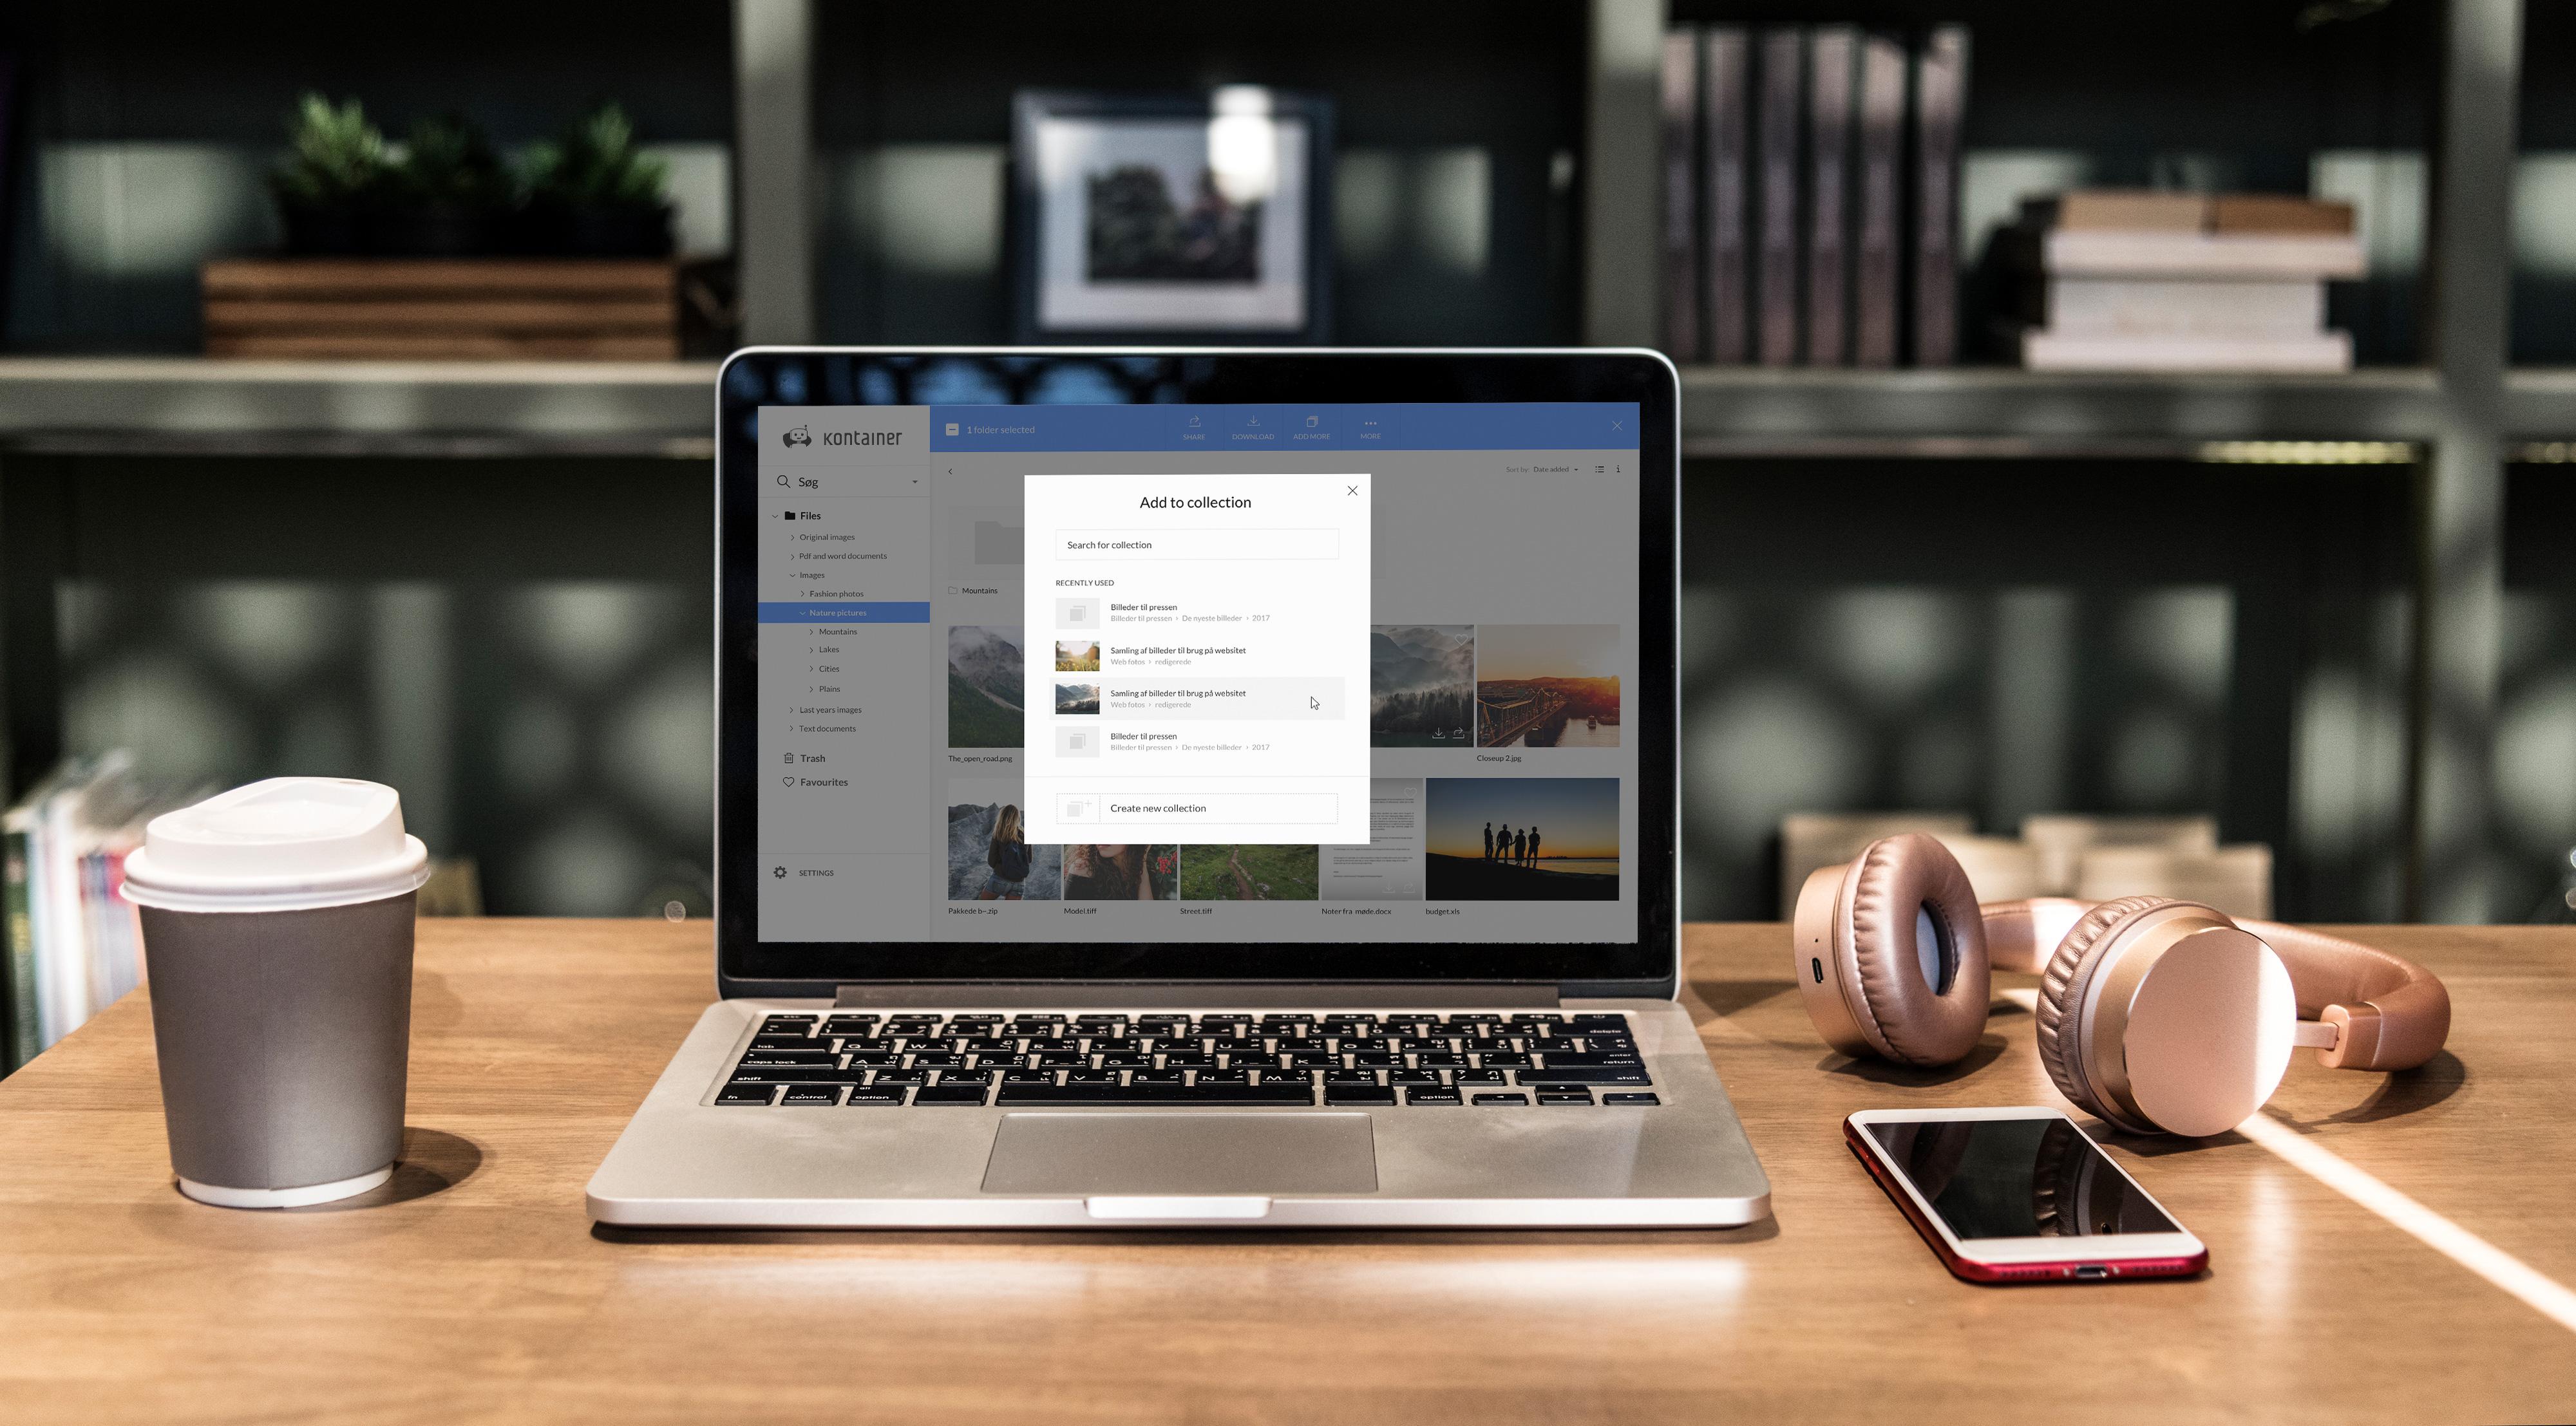 Kontainer - Danmarks førende DAM system til arkivering og deling af fotos, video og filer